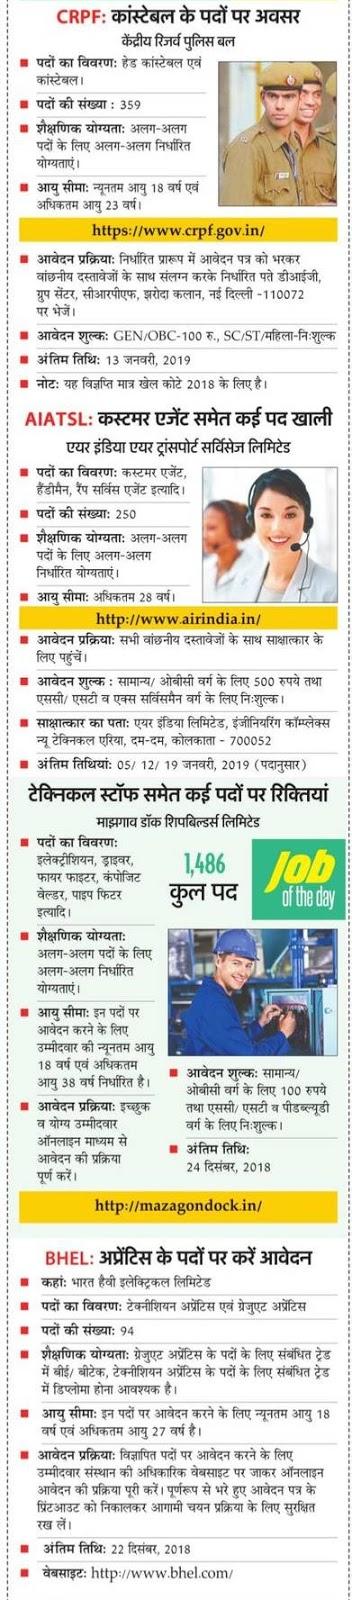 Today JOB ALERT: जानिए आज किन पदों पर कहाँ निकलीं नौकरियां